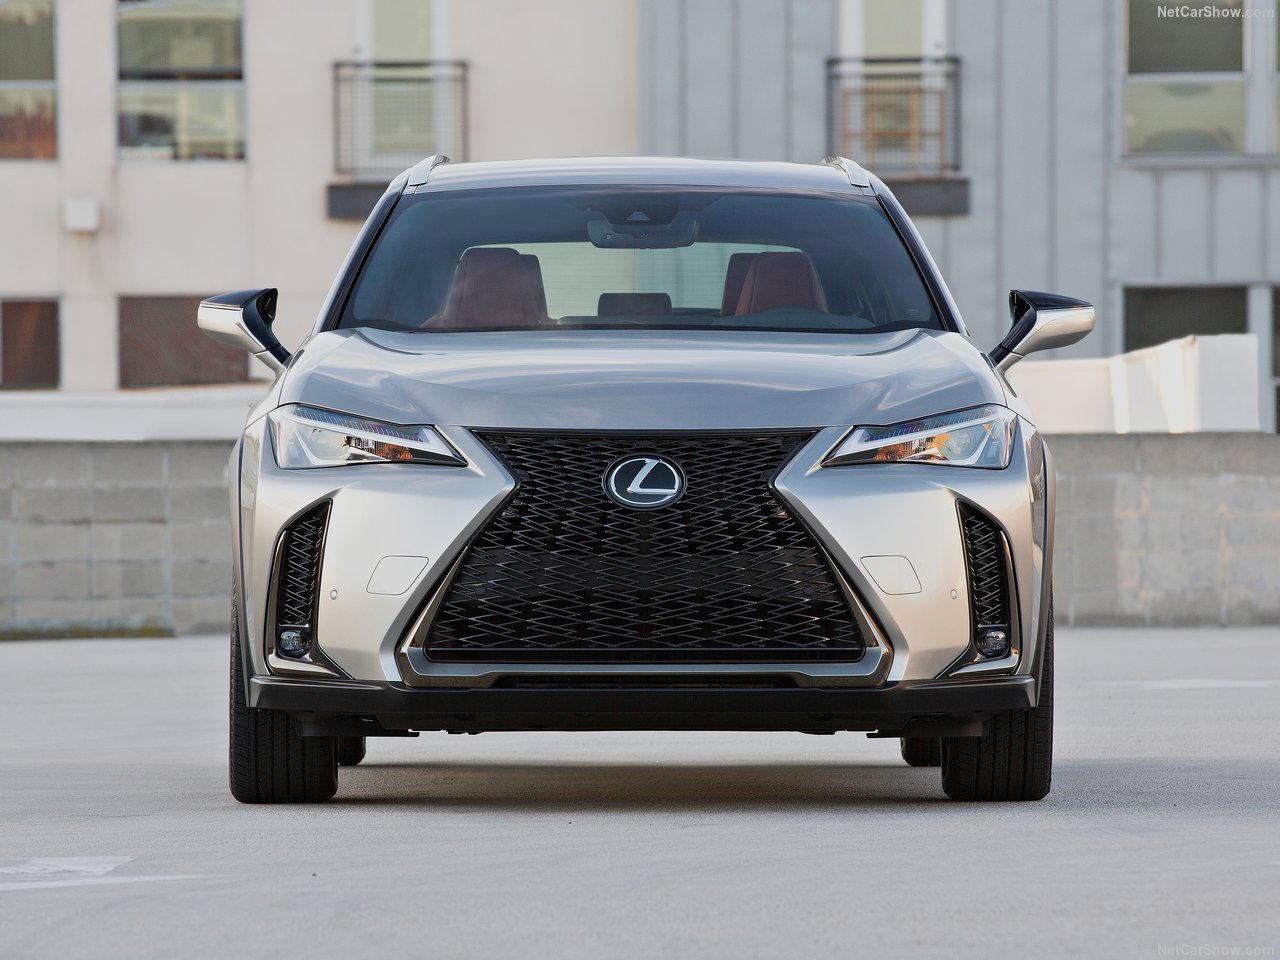 Lexus-UX-2019-1280-15_201805221022218de.jpg